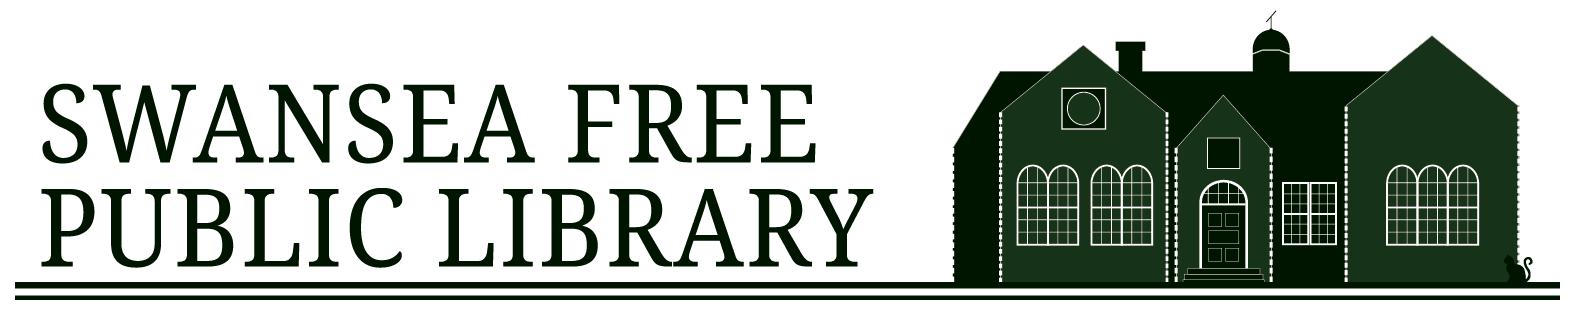 Swansea Free Public Library